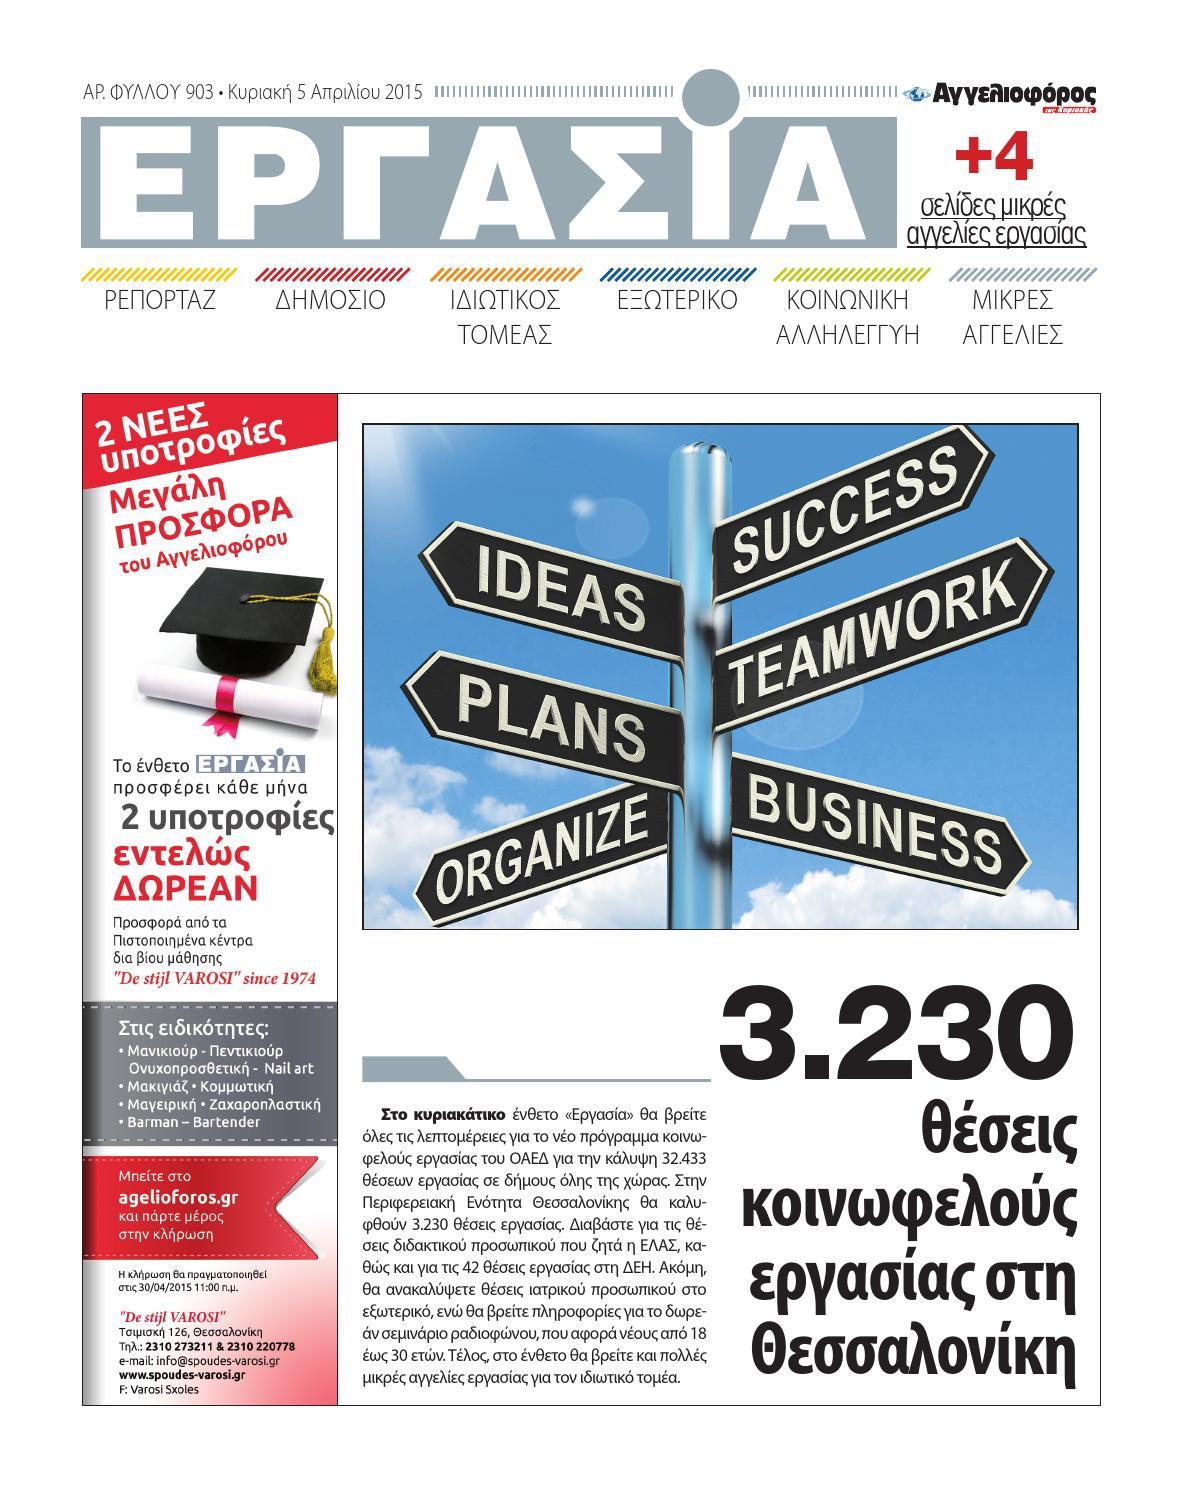 Εργασία 05 04 2015 by Εκδοτική Βορείου Ελλάδος Α.Ε. - issuu 9163b34f948